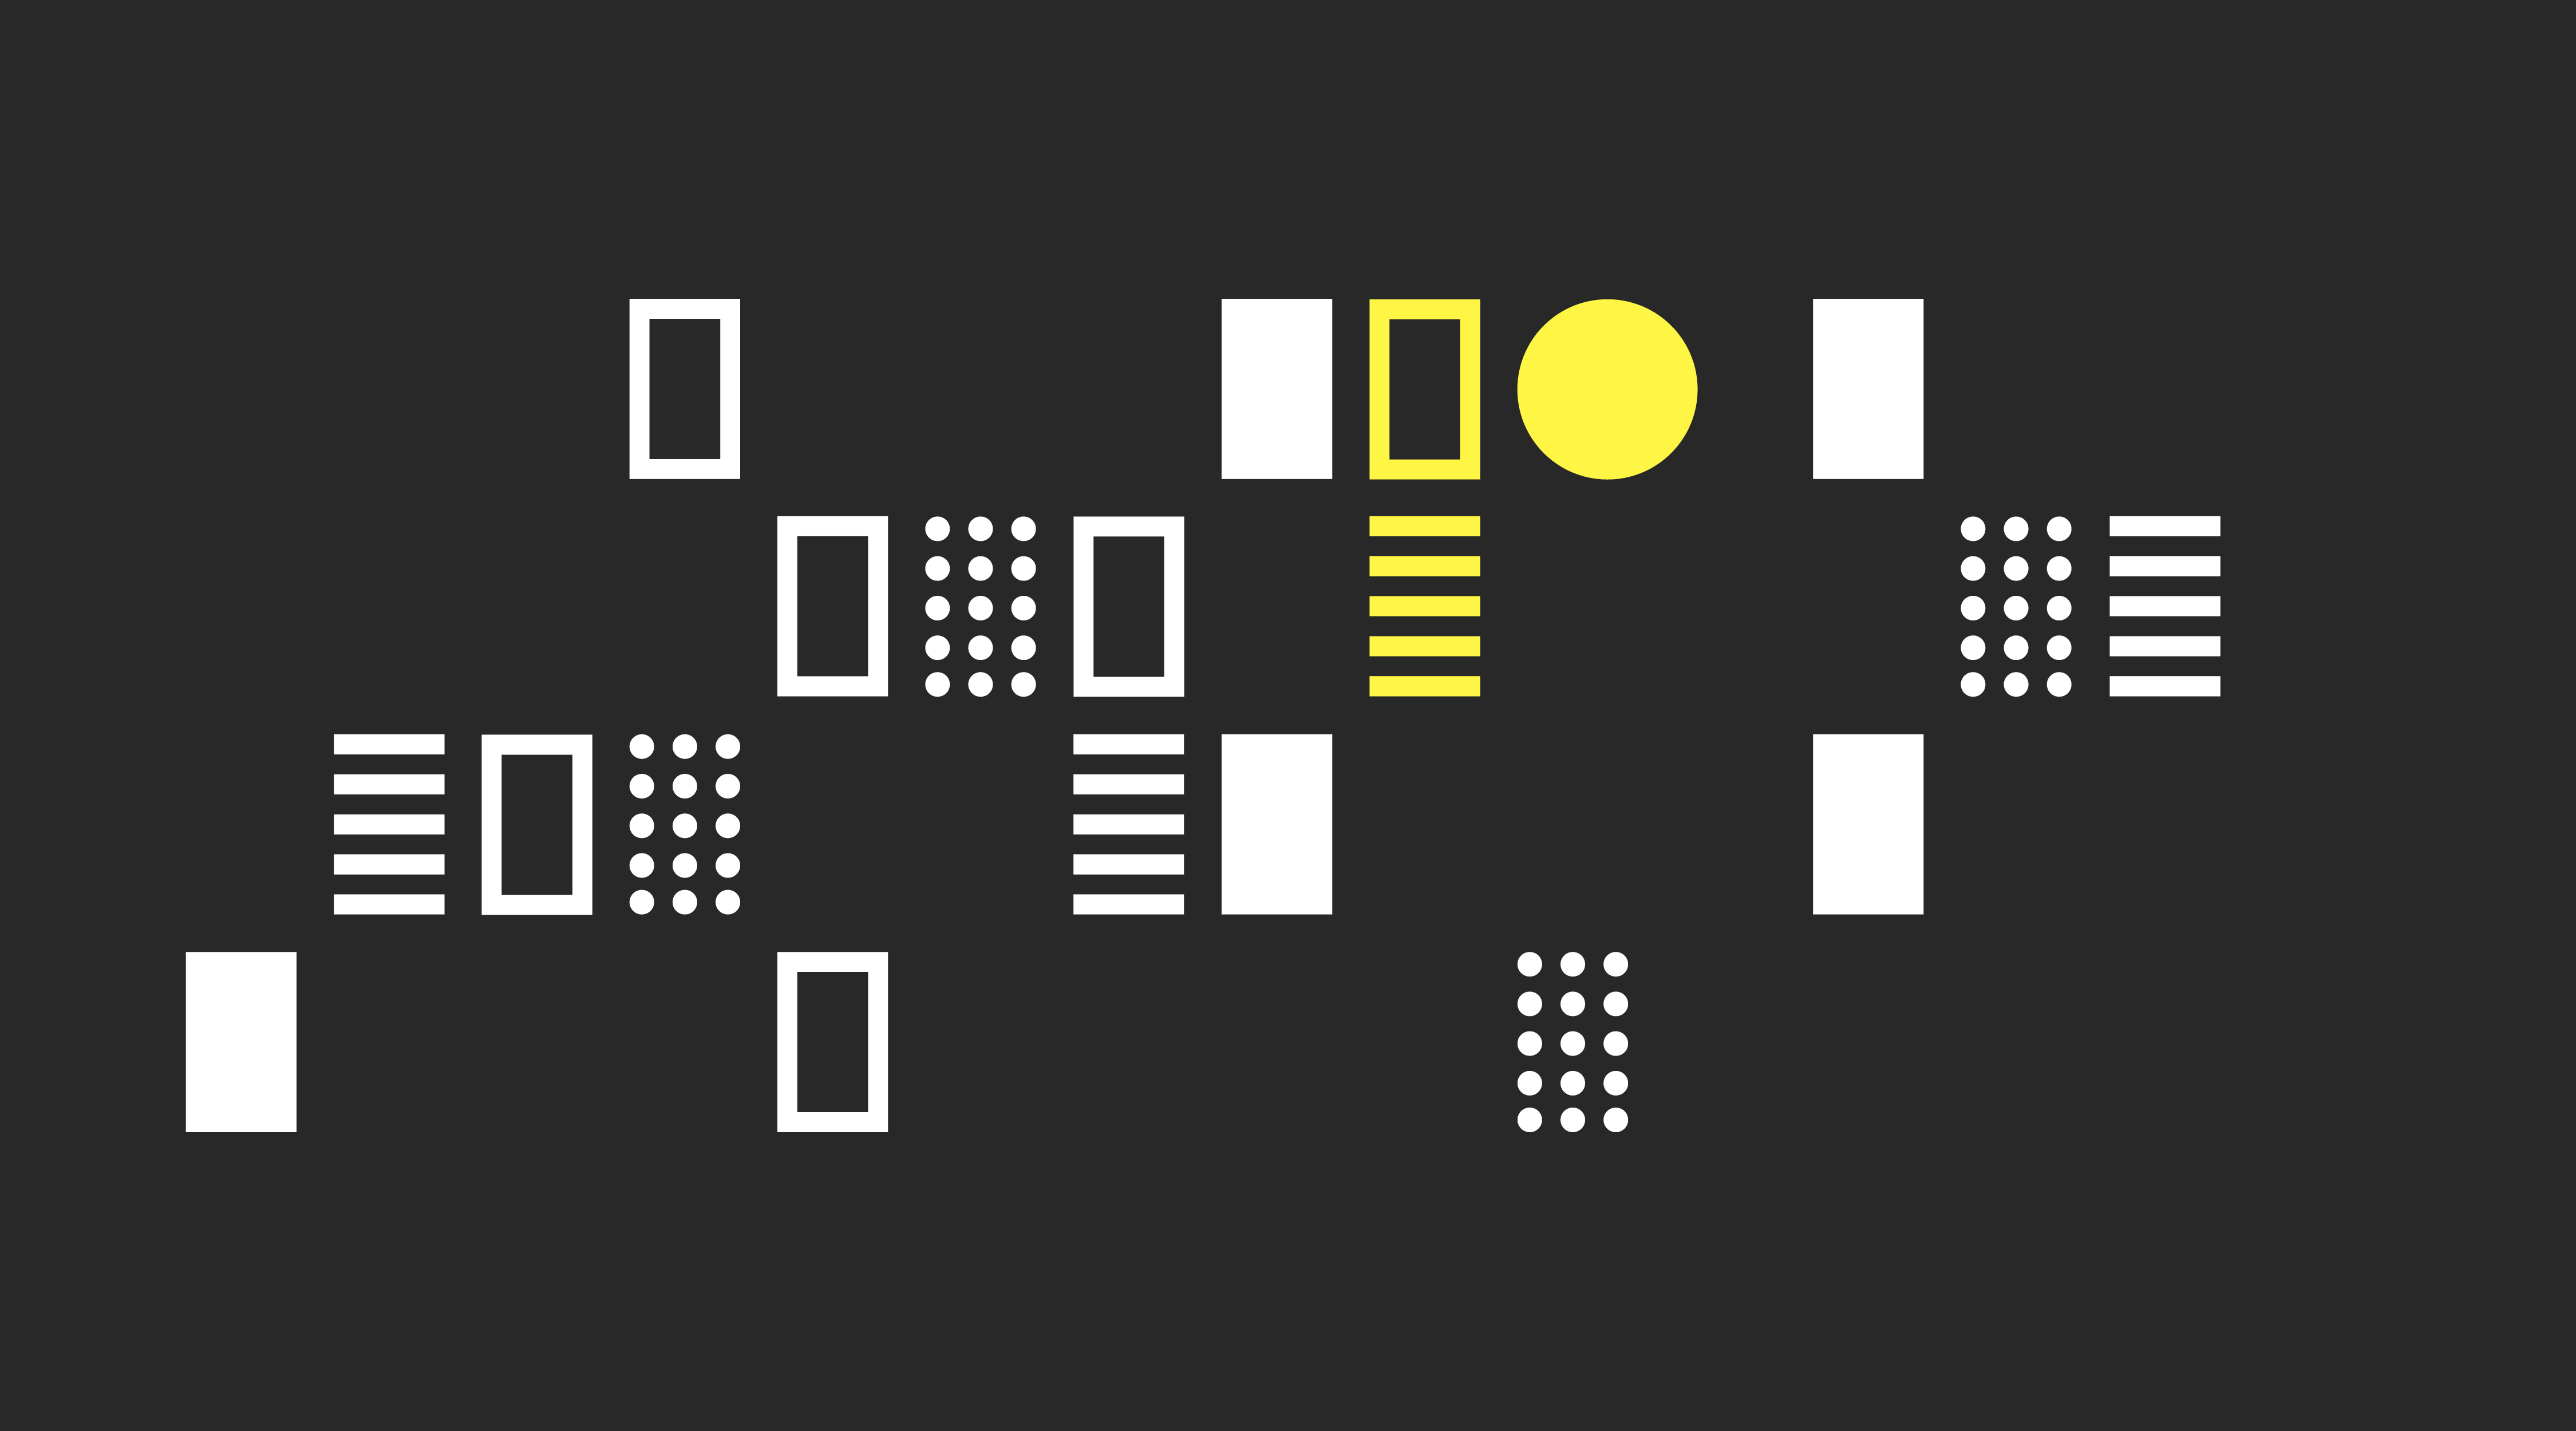 Billede af Rumsans grafik i farverne sort, gul og hvid.